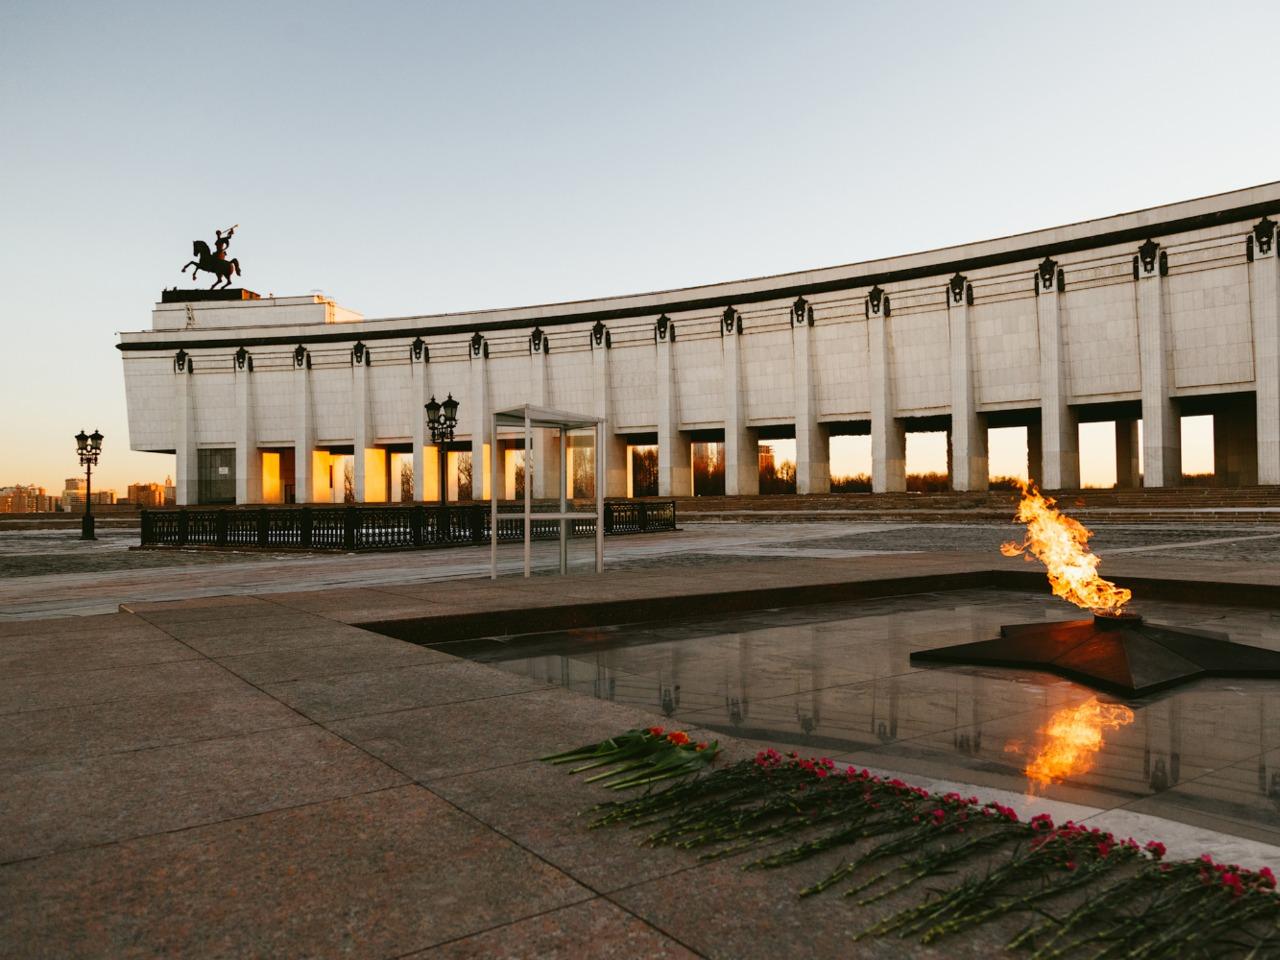 Экскурсия в Парк Победы - индивидуальная экскурсия по Москве от опытного гида